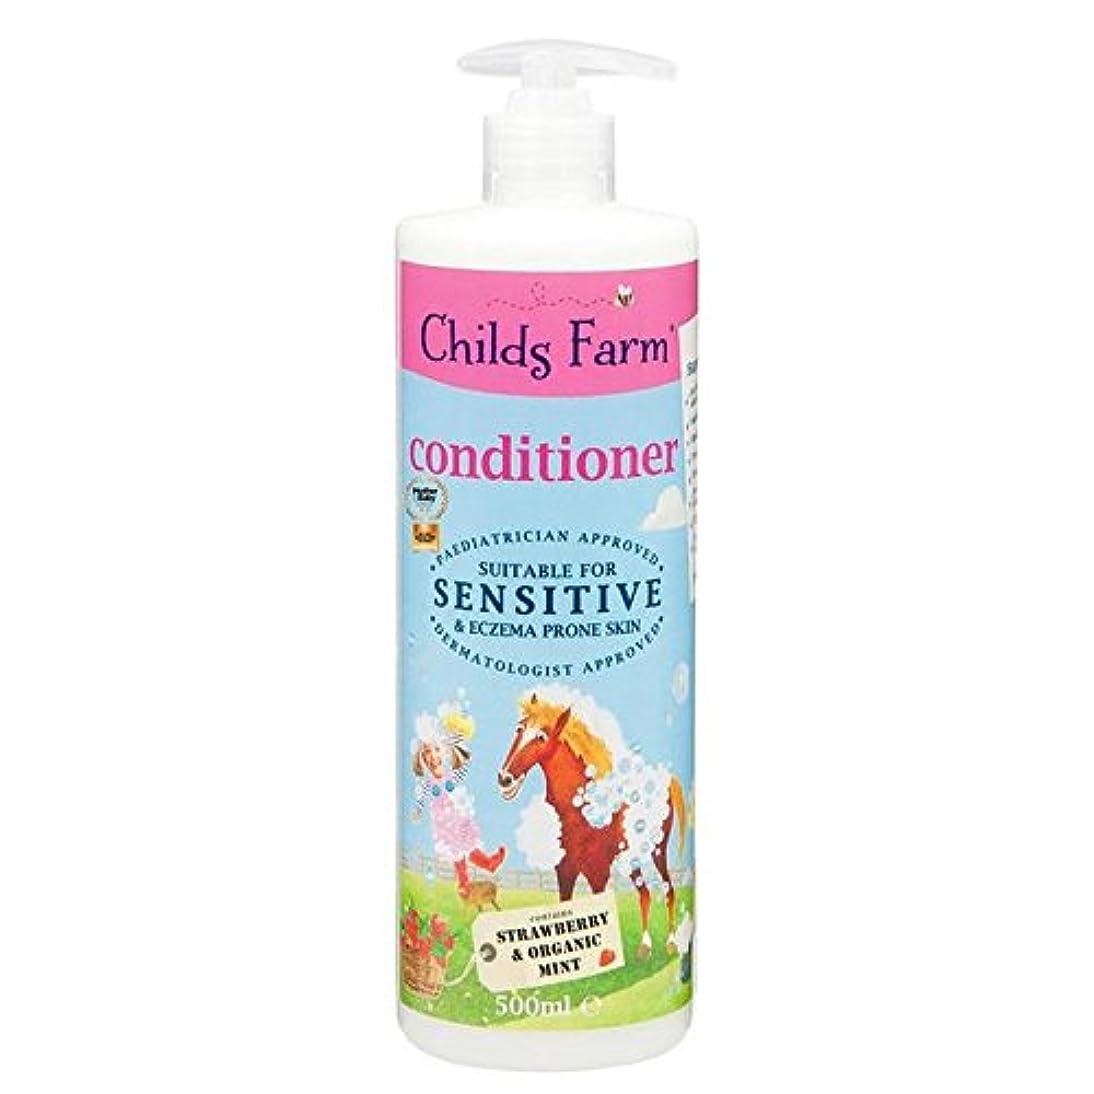 新聞灰欠点Childs Farm Conditioner for Unruly Hair 500ml (Pack of 6) - 手に負えない髪の500ミリリットルのためのチャイルズファームコンディショナー x6 [並行輸入品]